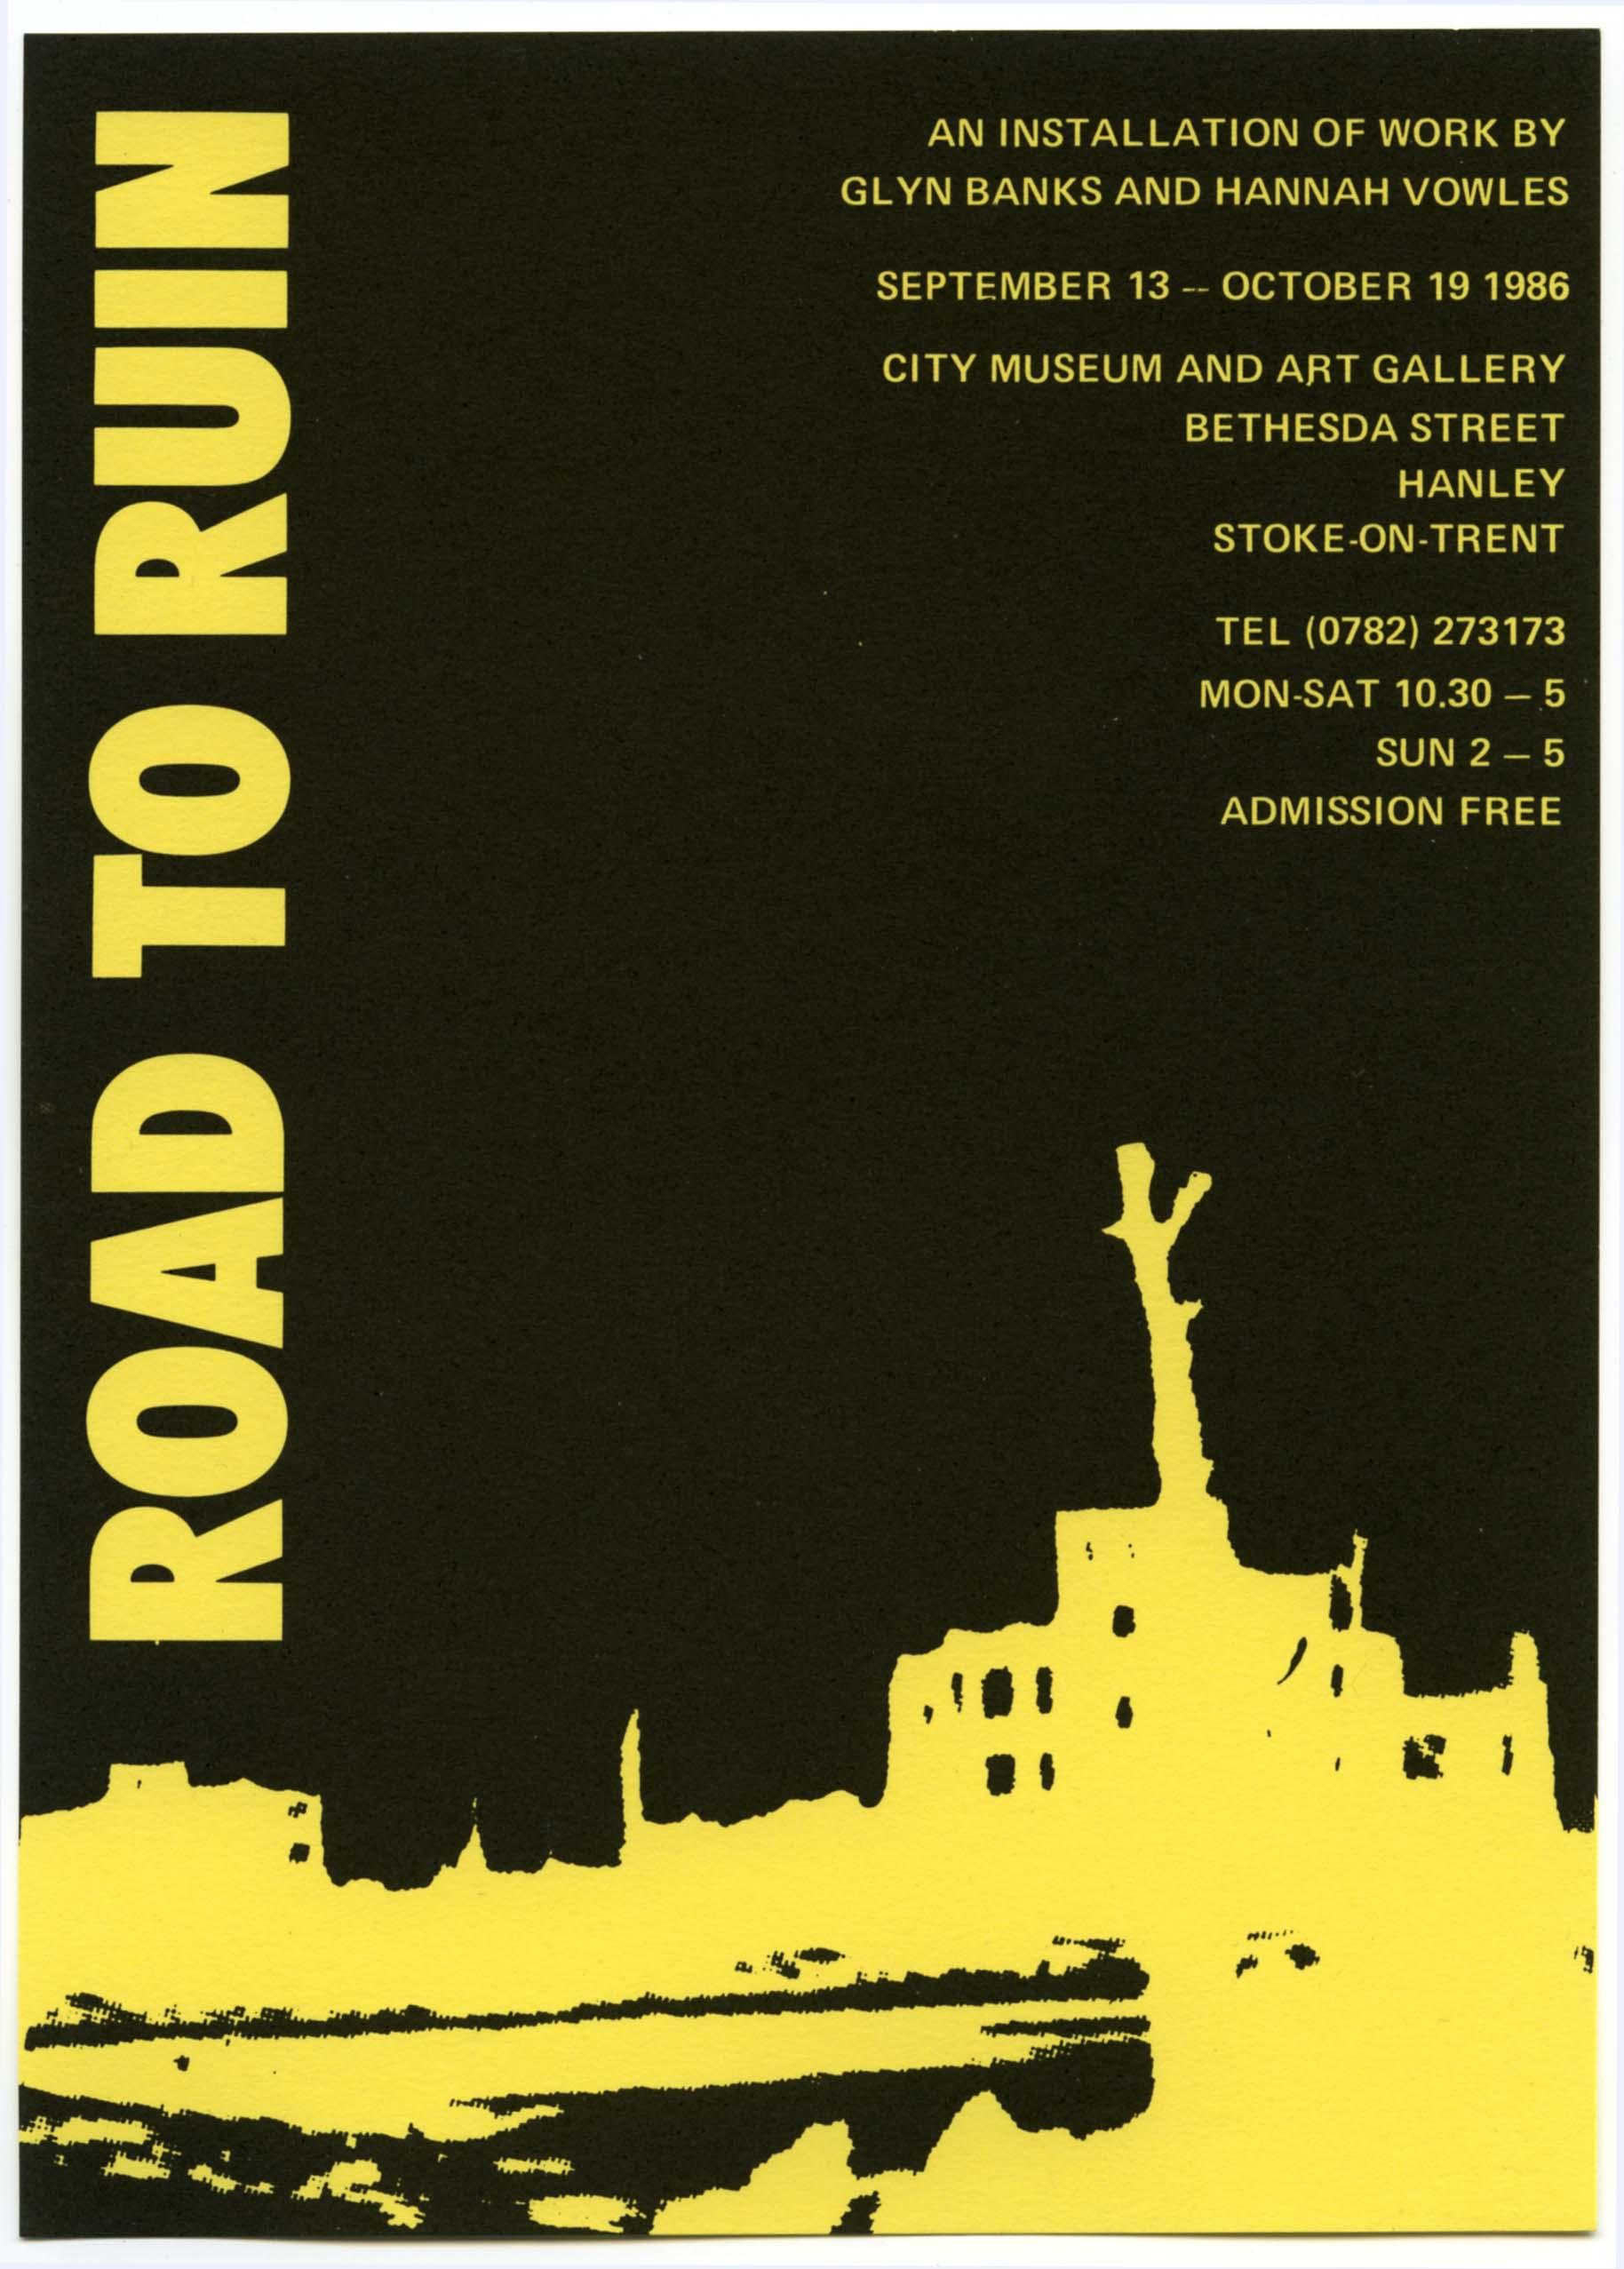 Road to Ruin: Invitation Card 1986 Art in Ruins